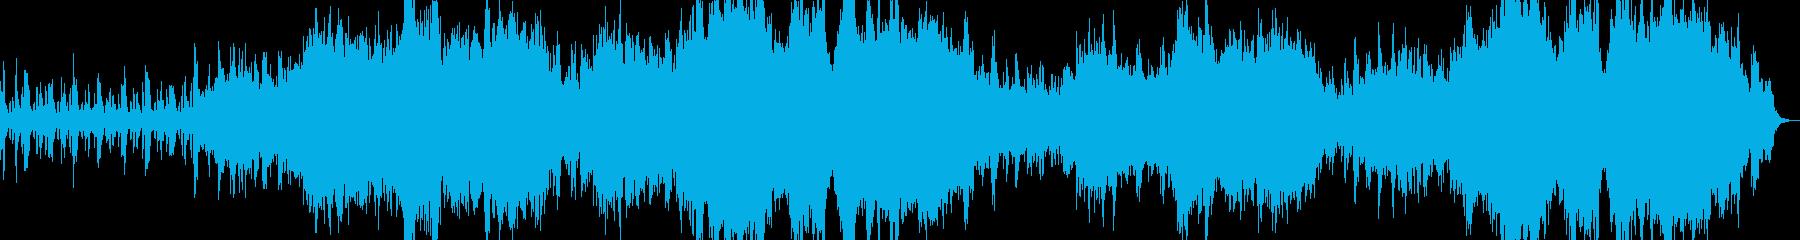 可愛らしく明るい曲3(CM・VLOG)の再生済みの波形